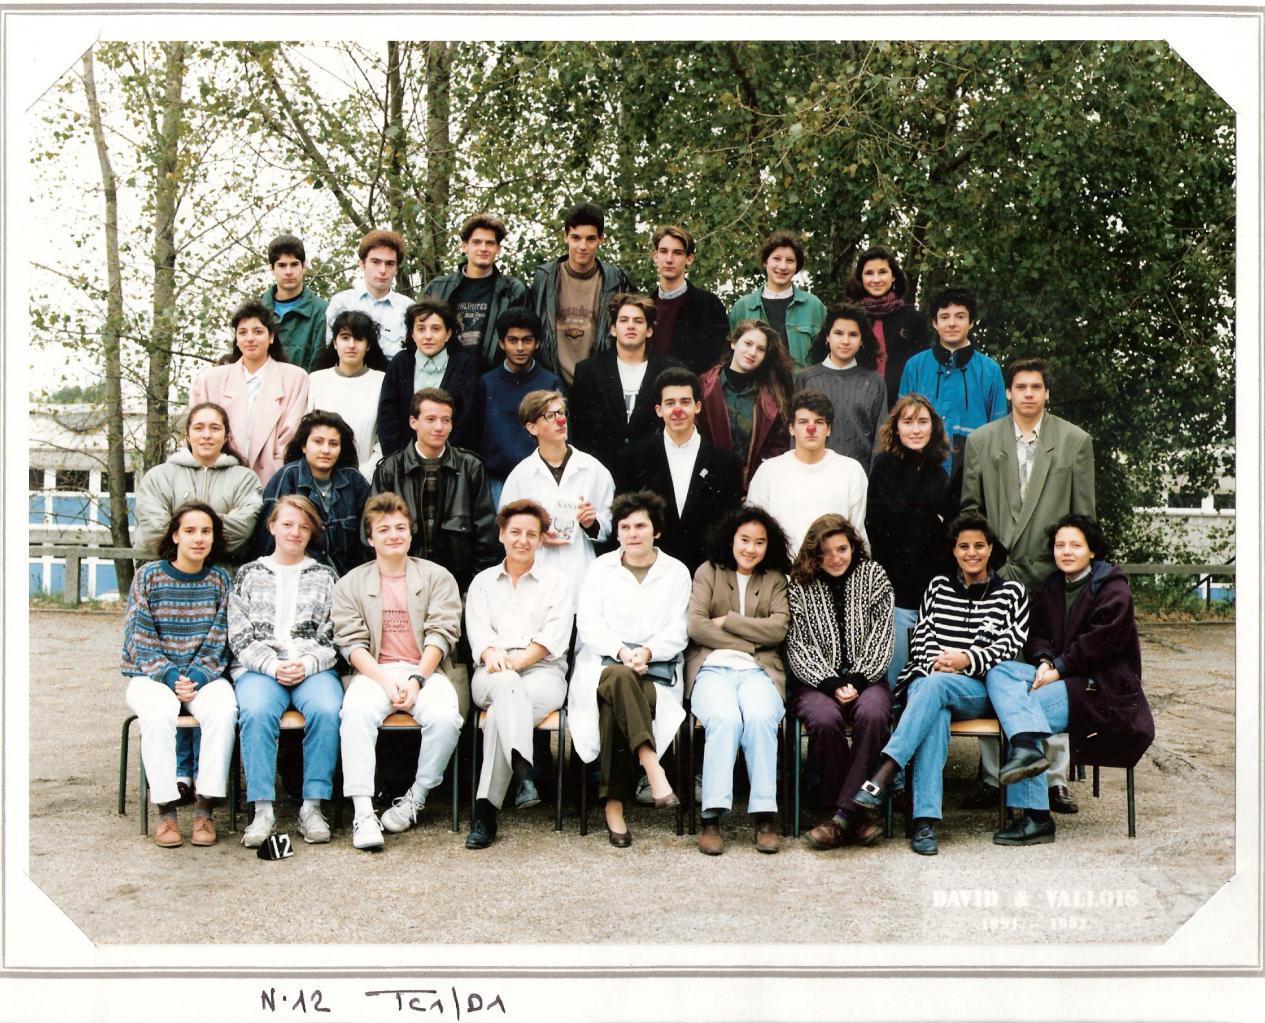 1992 - TC1D1